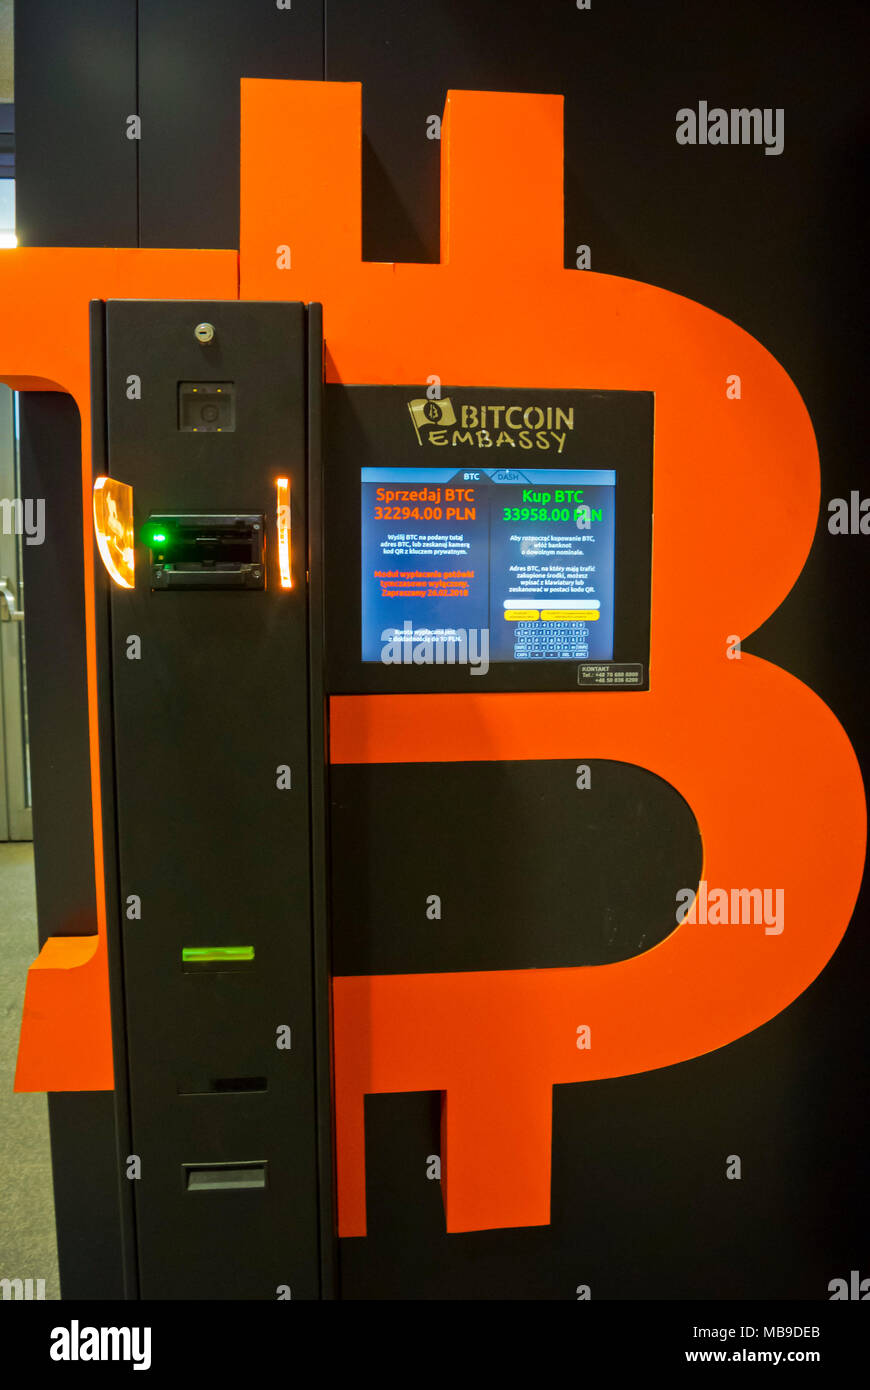 Sprzedaj bitcoins off track betting fort wayne